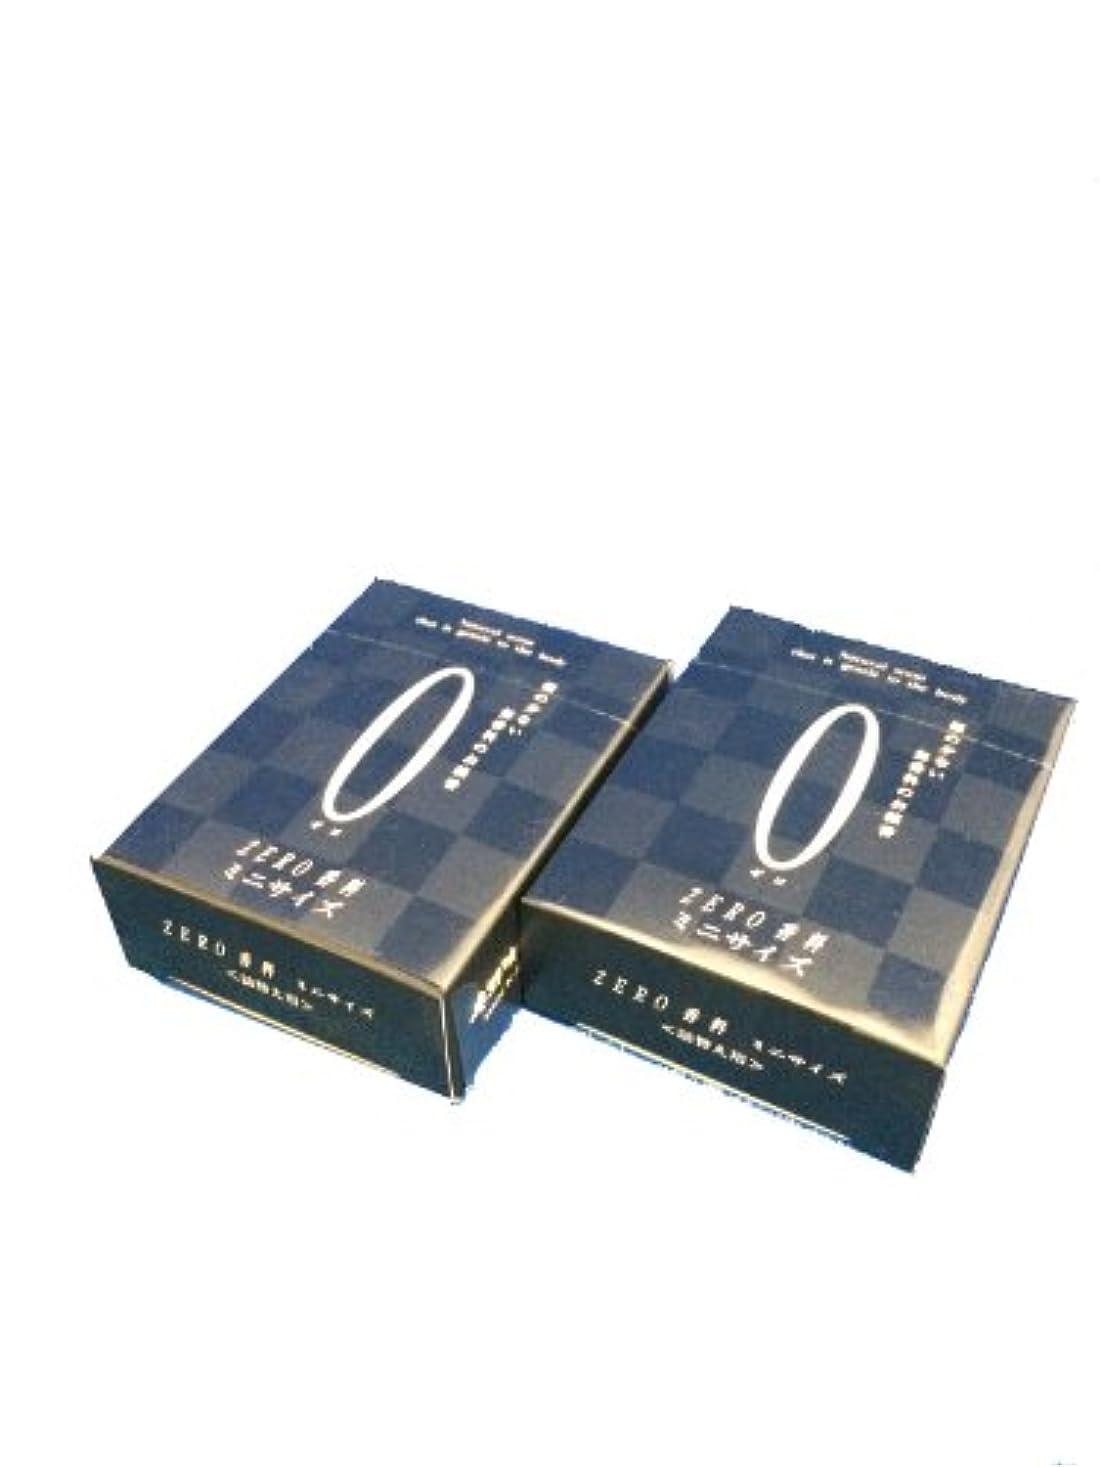 書店終点無人ZERO ゼロ香料 詰め替え用 2個セット ミニ寸 サイズ 約60g